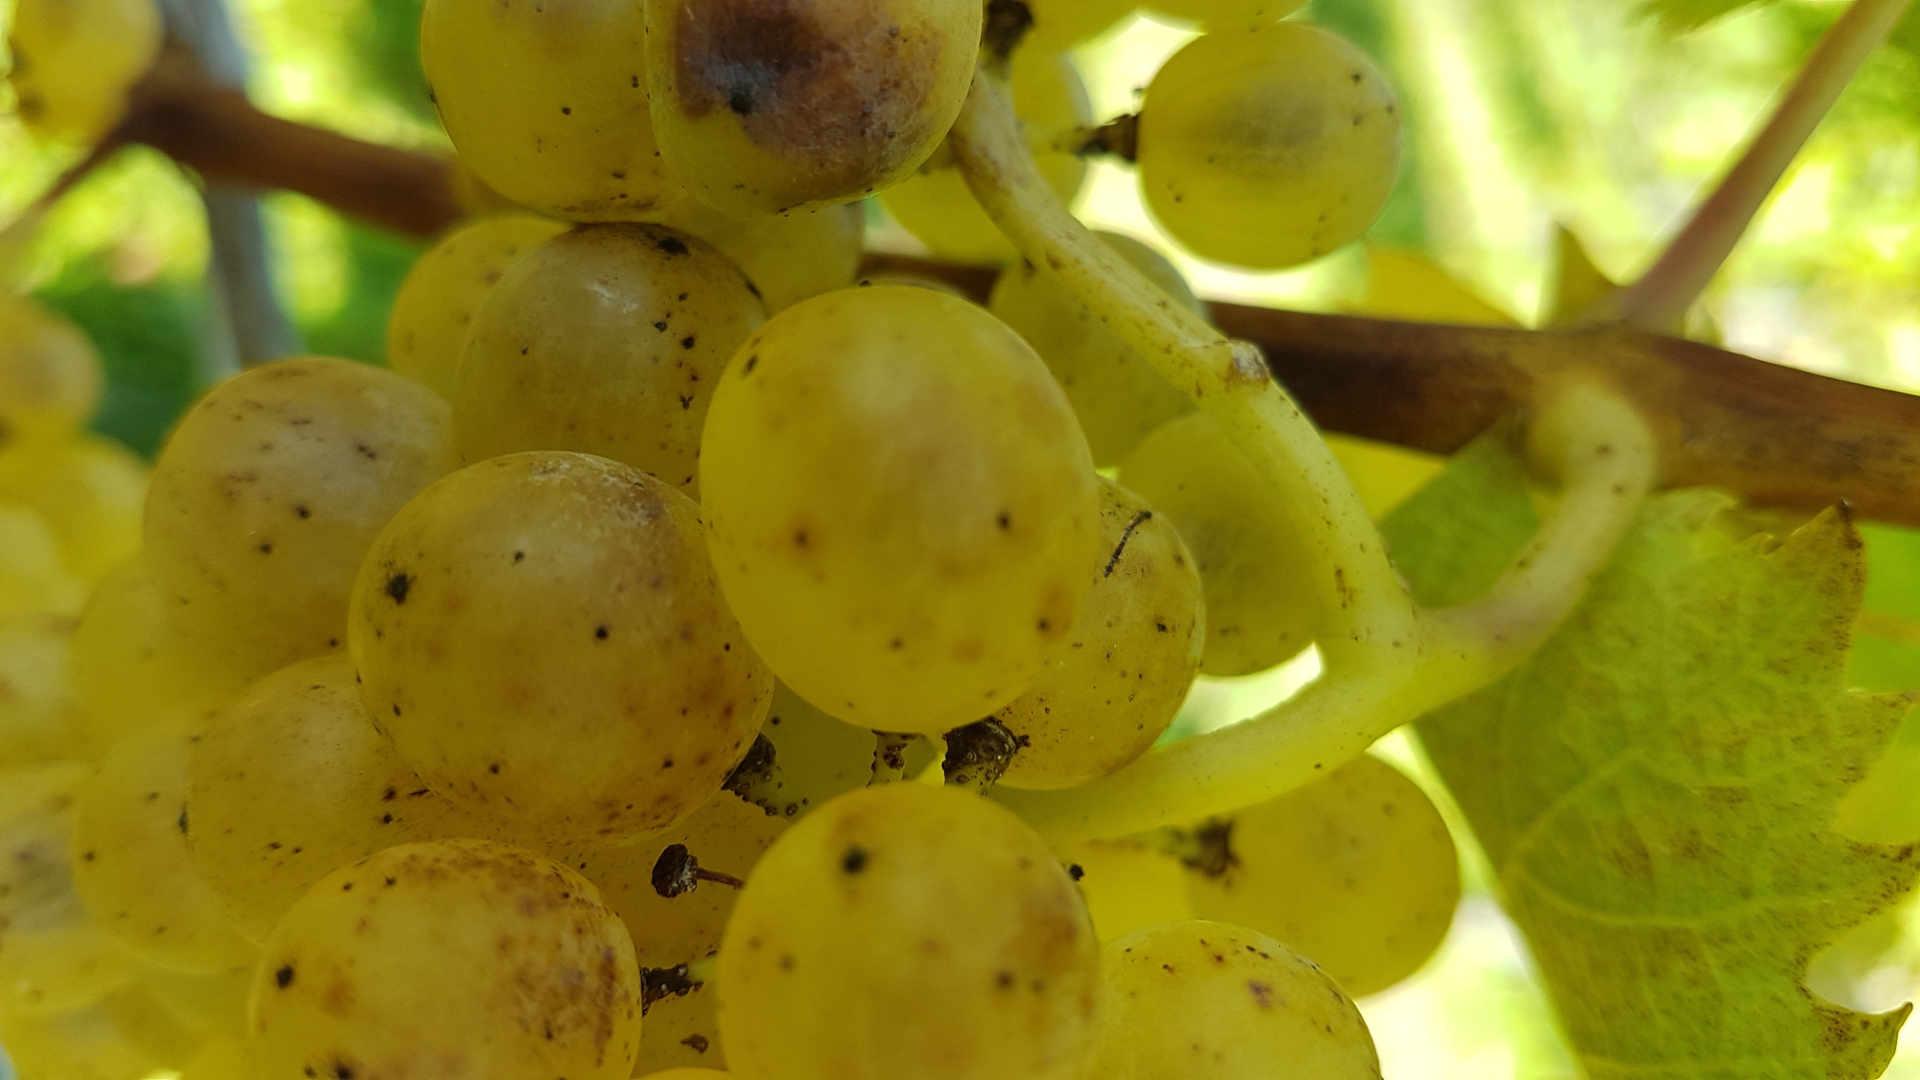 Nahaufnahme Weißweintraube Wein.Gölles